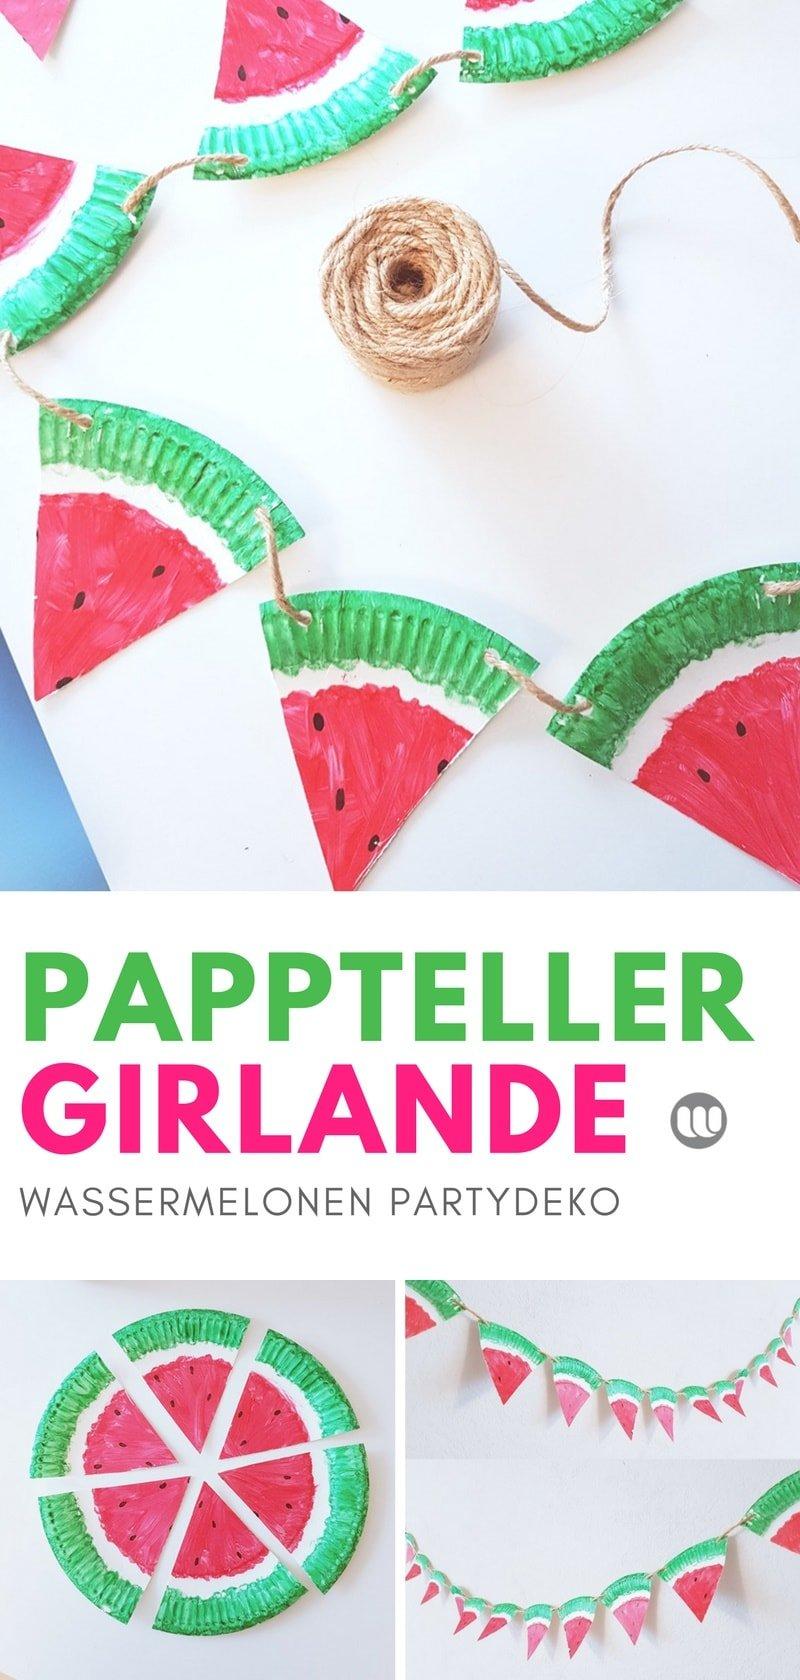 Sommer Do it yourself: Wassermelonen Girlande. Die tropische Wassermelonen Girlande aus Papptellern eignet sich ideal für eine Gartenparty.